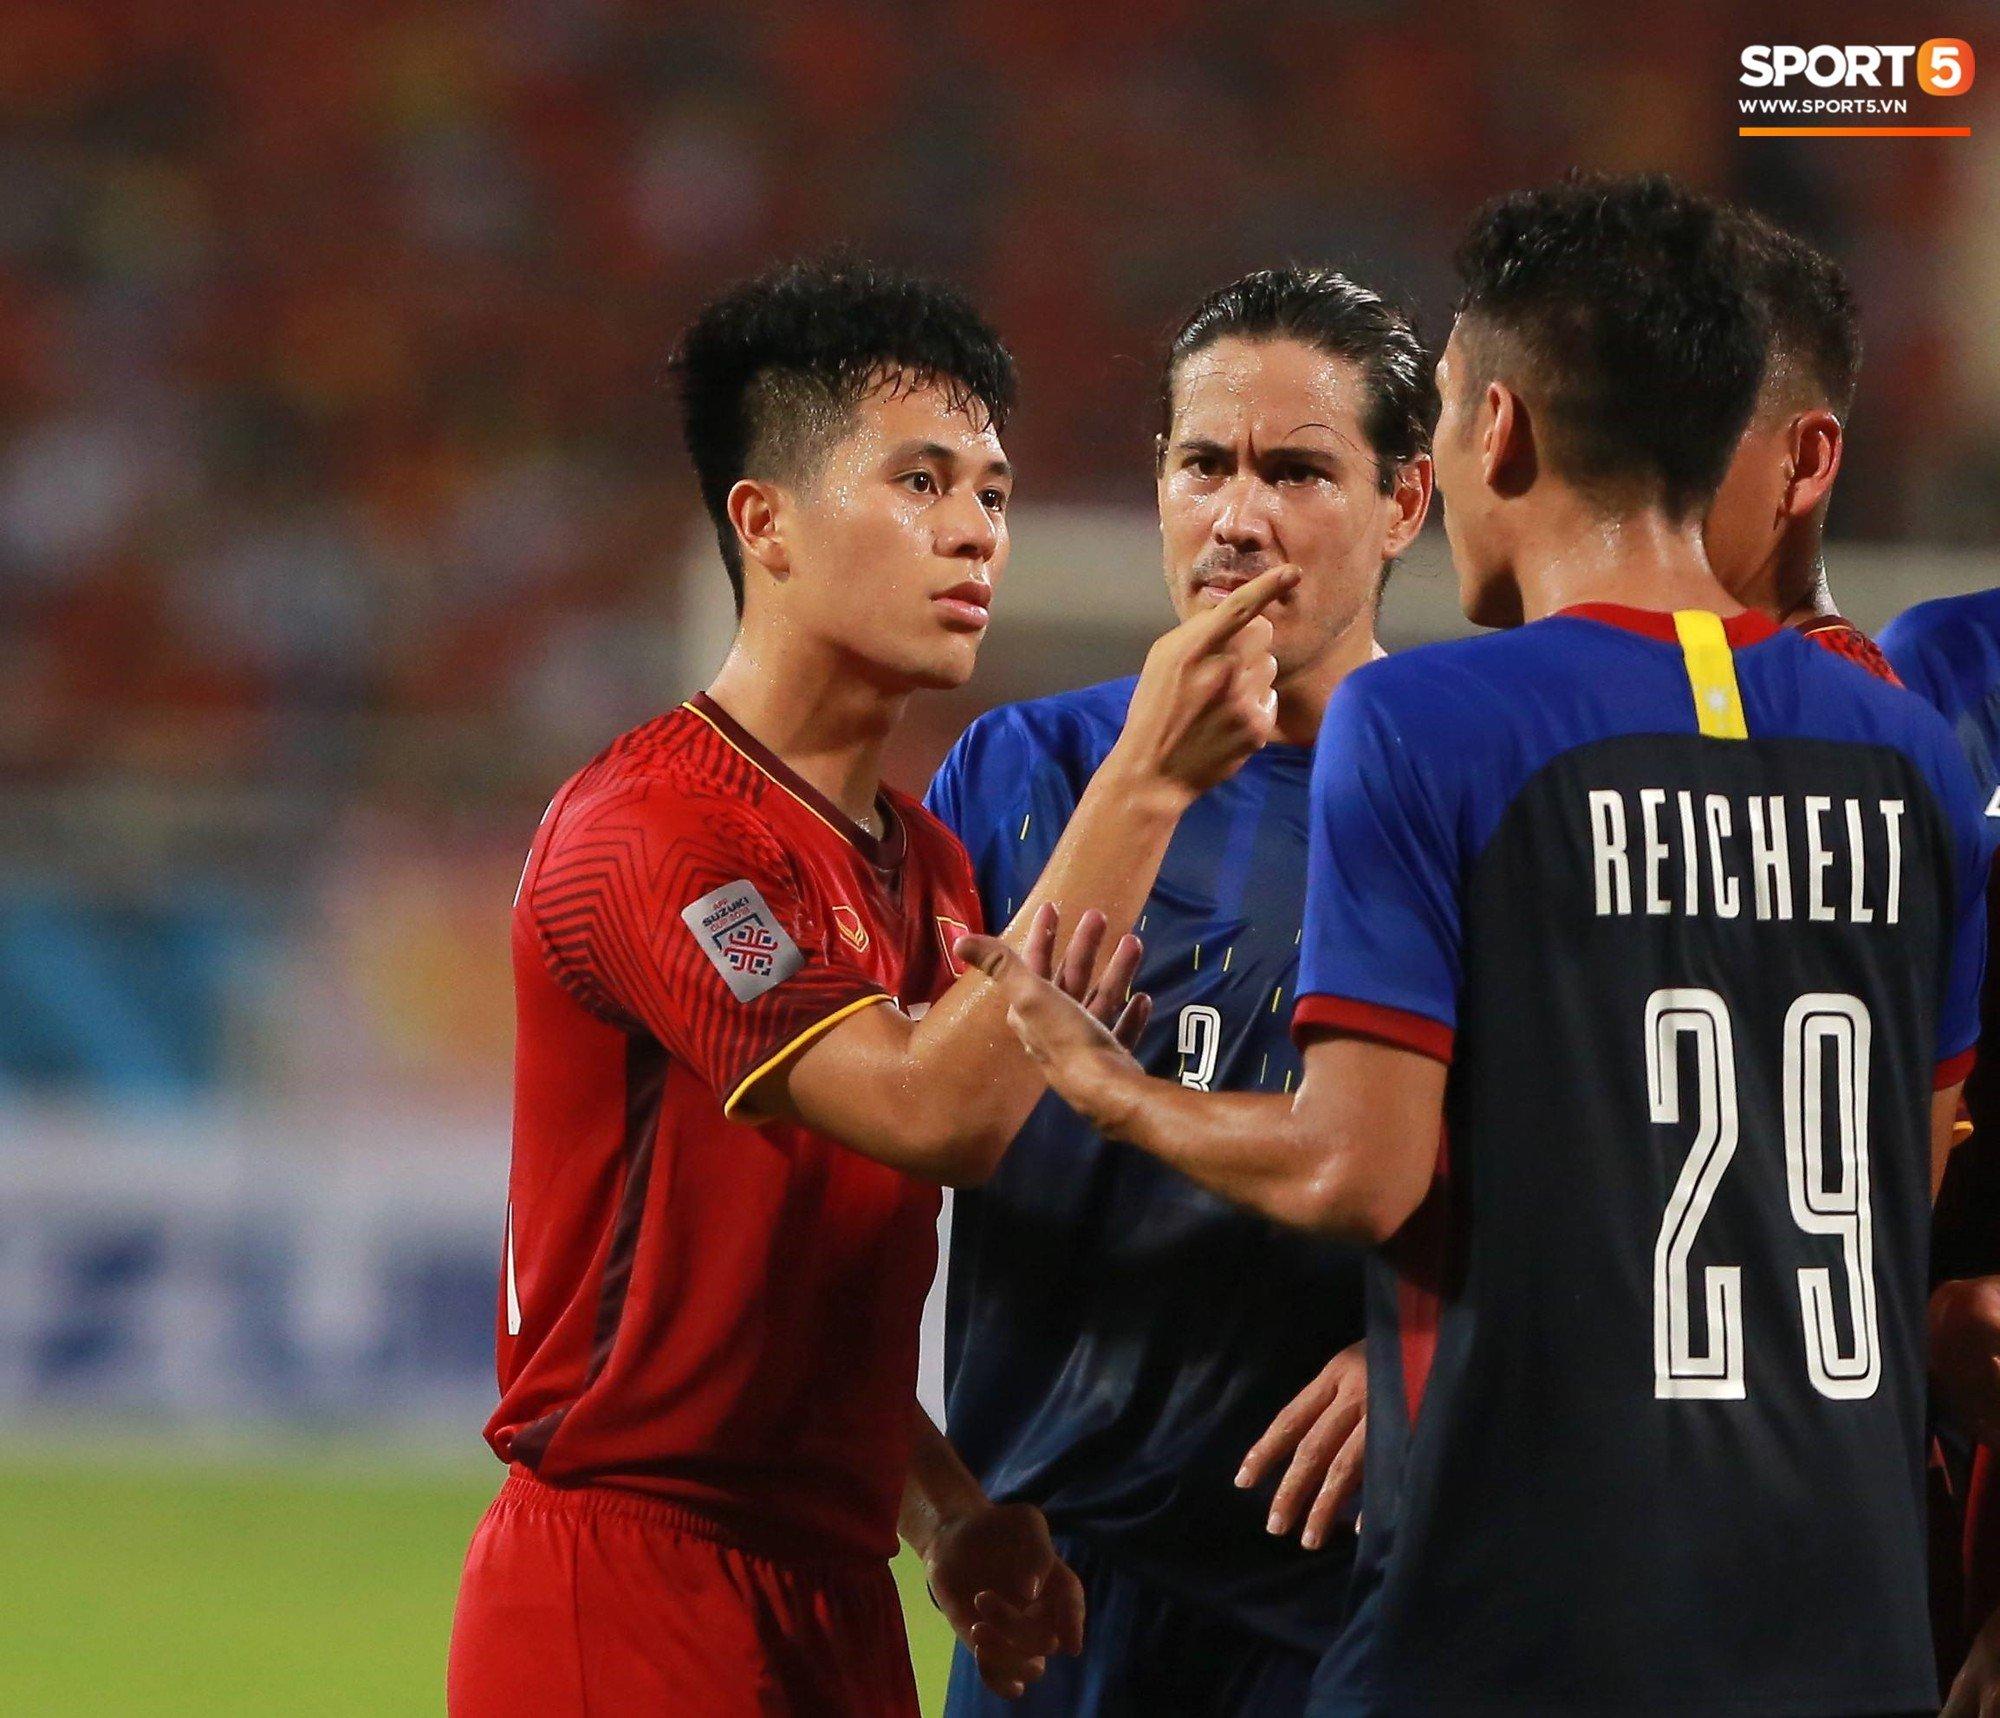 Trọng 'gắt' chỉ thẳng mặt cầu thủ Philippines chơi xấu để bảo vệ em út Văn Hậu 1